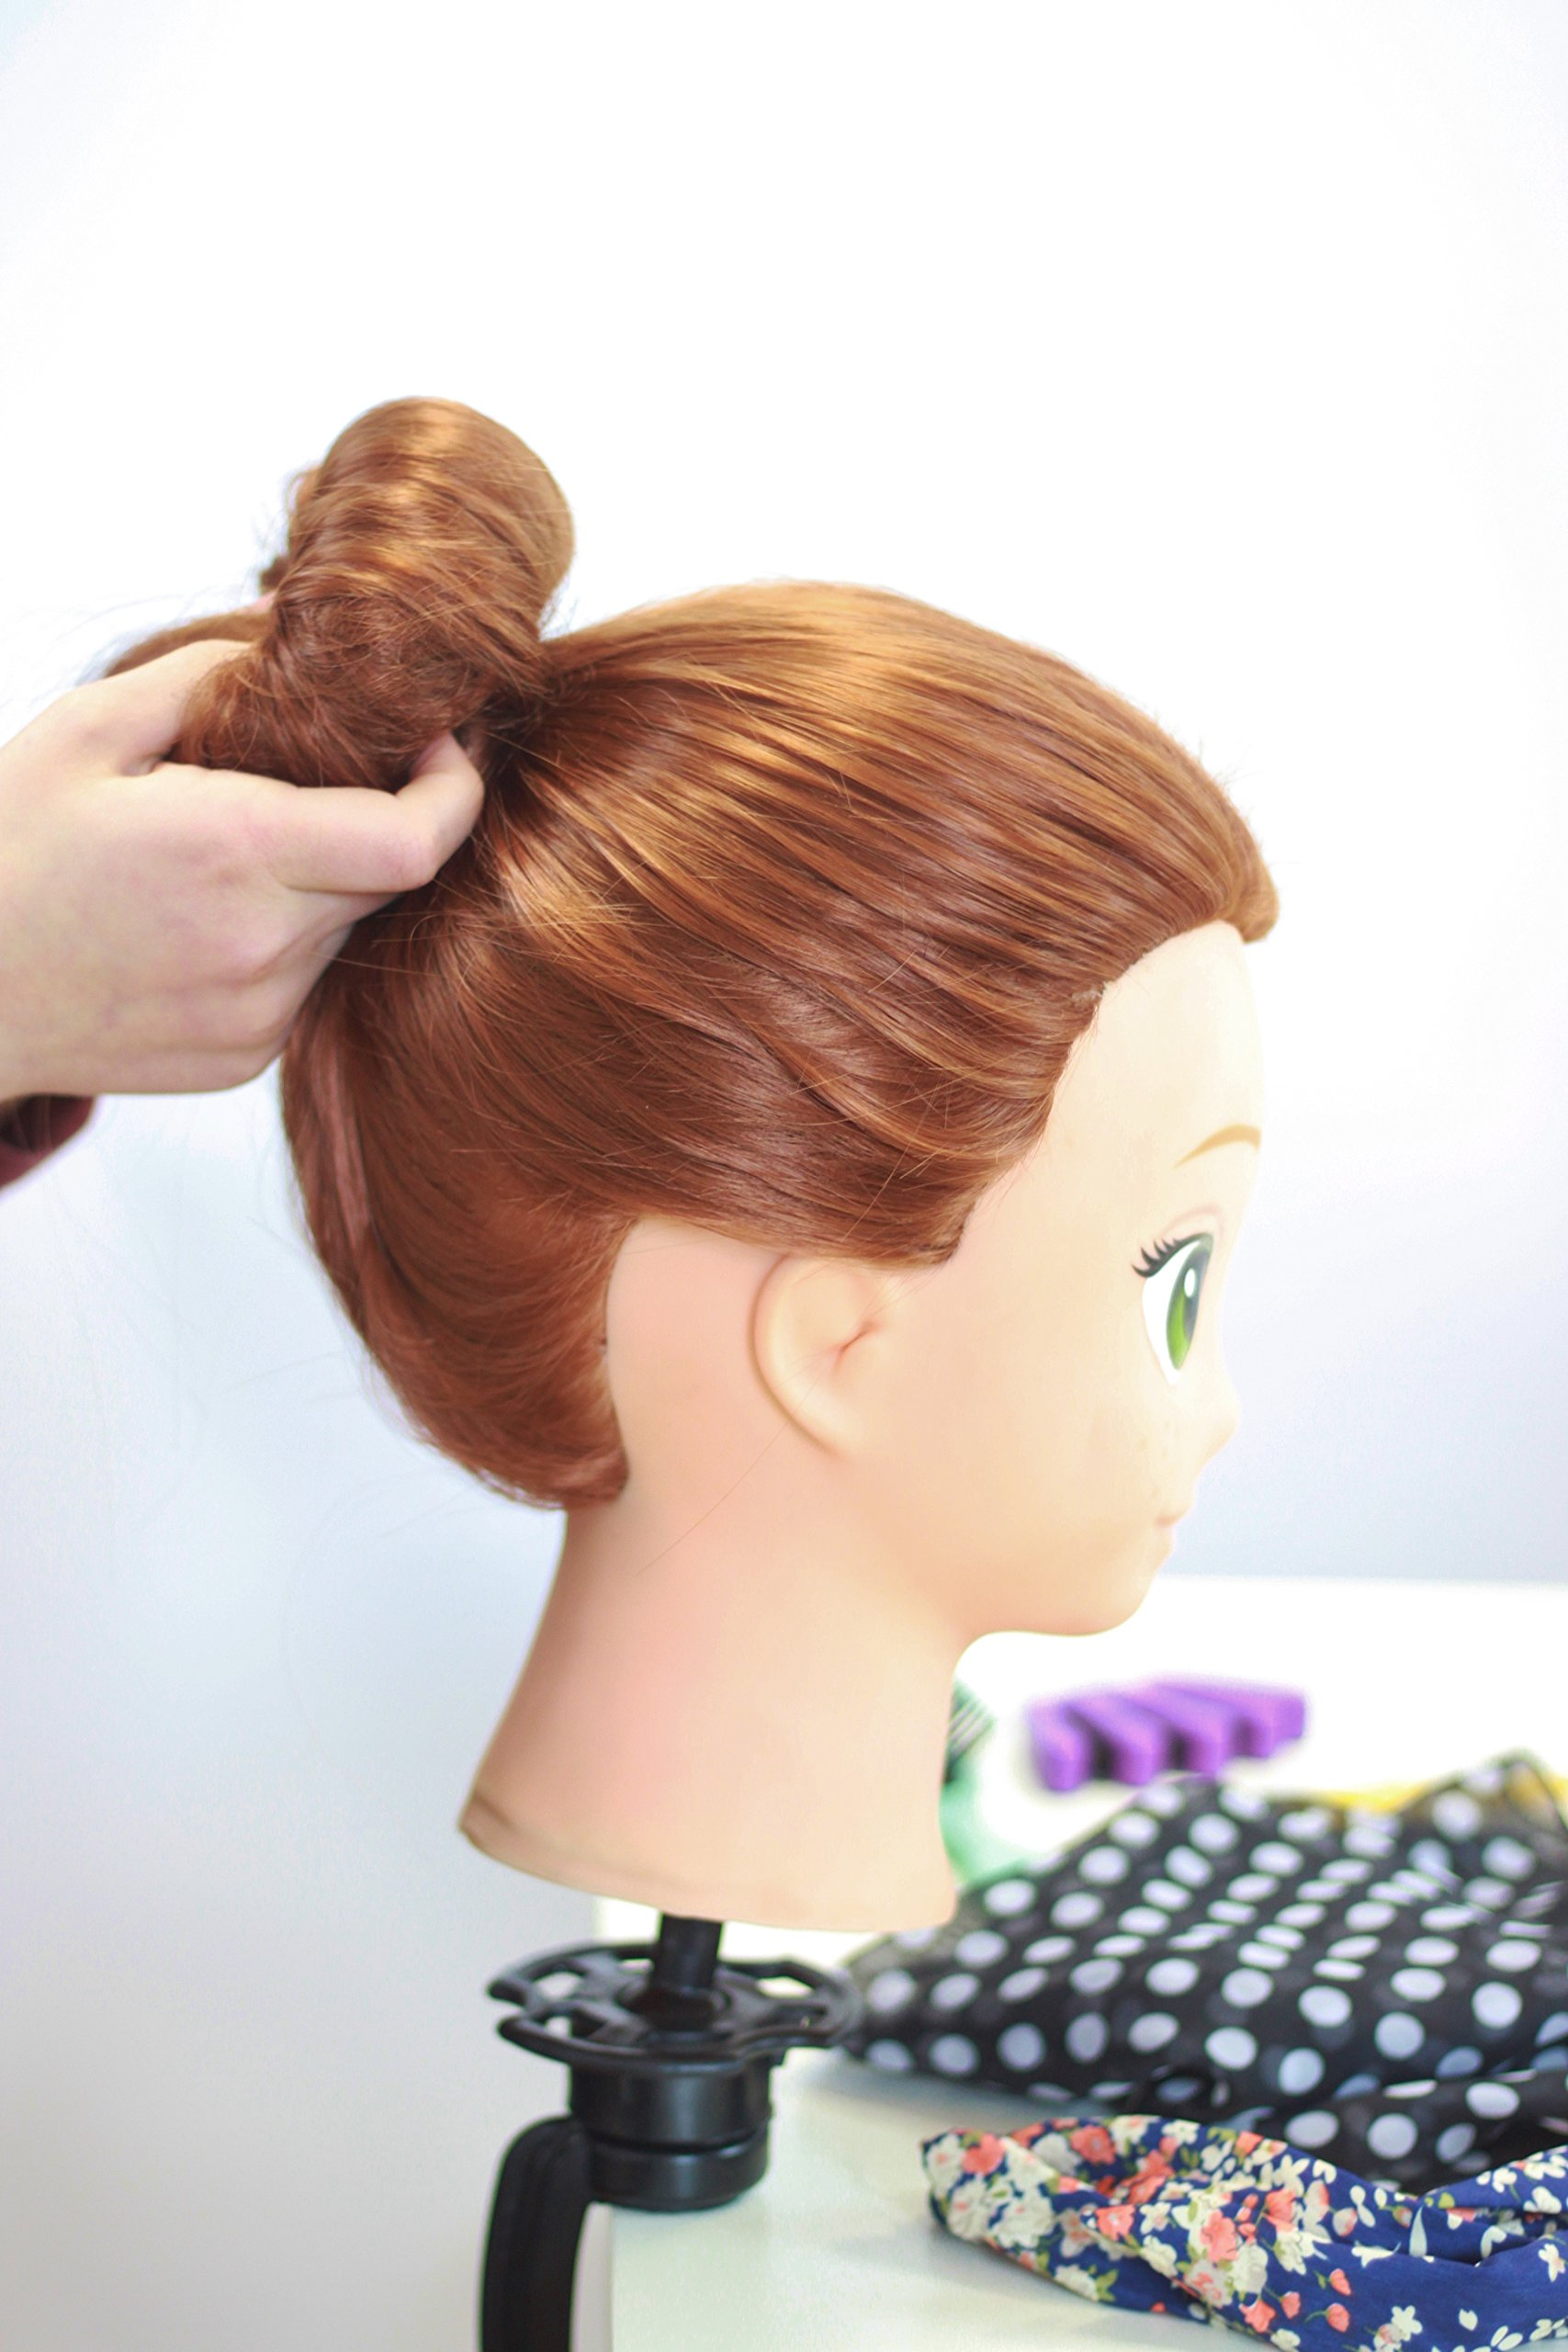 BUKI FRANCE 5401 - Professional Studio Hair by BUKI FRANCE (Image #10)